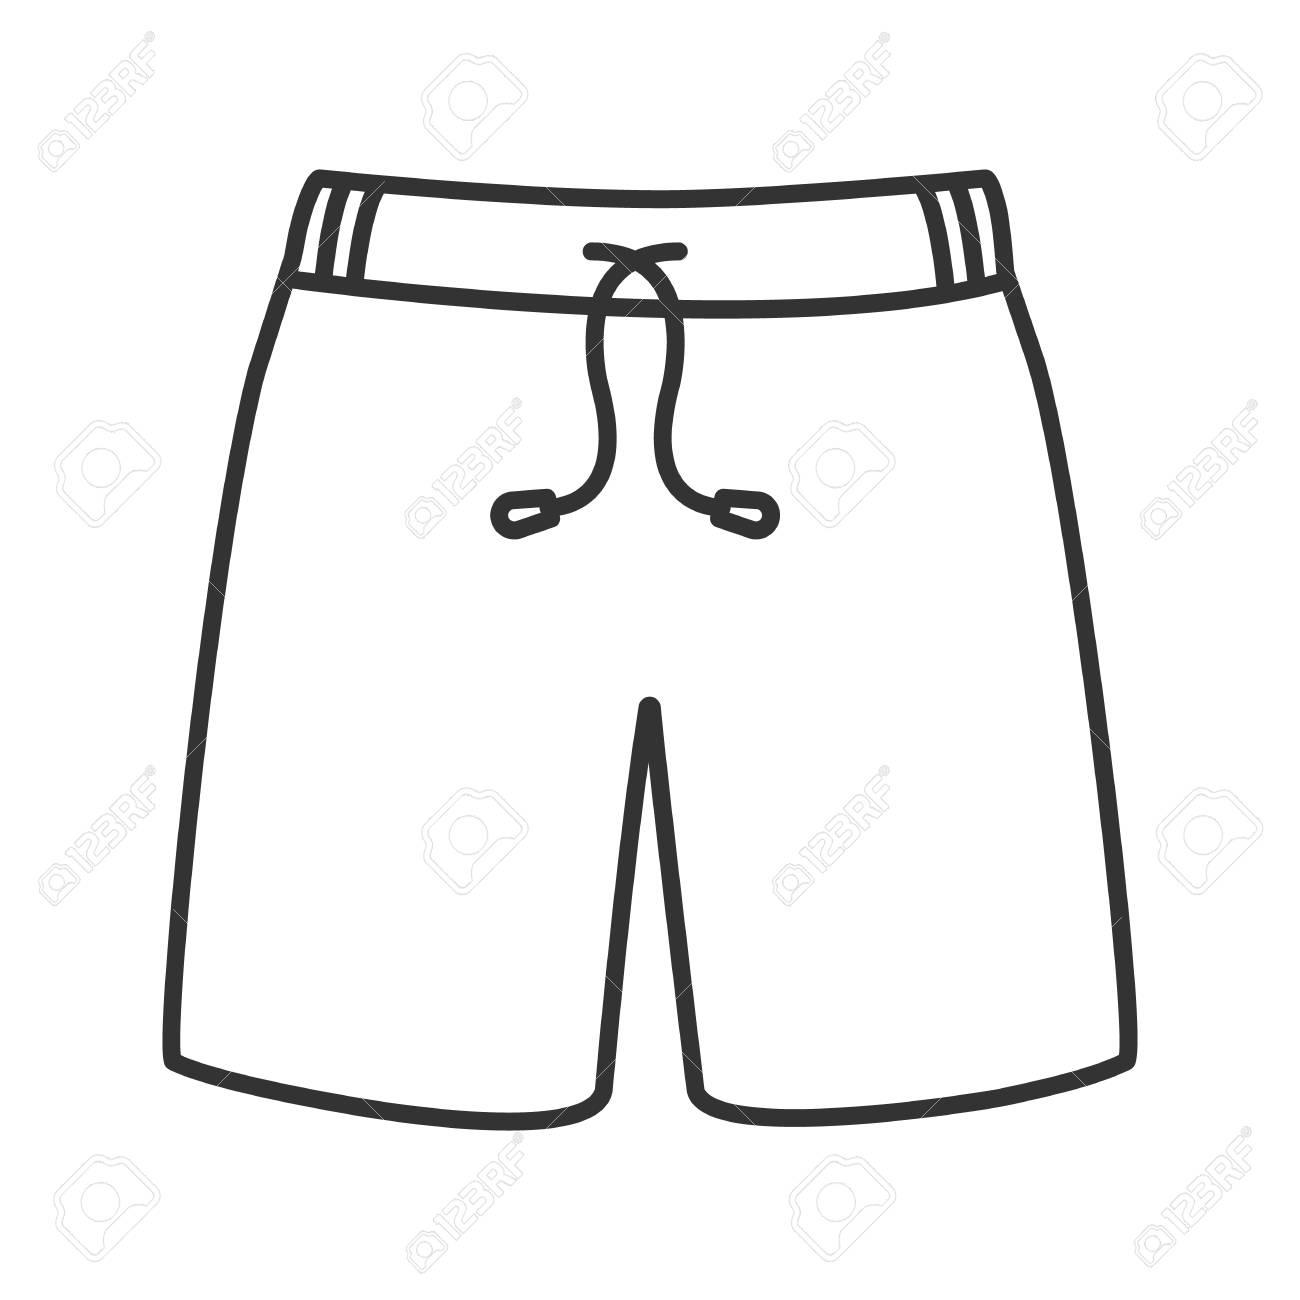 43849340d Foto de archivo - Icono lineal de troncos de natación. Ilustración de línea  delgada. Pantalones cortos deportivos. Símbolo de contorno Dibujo de  contorno ...